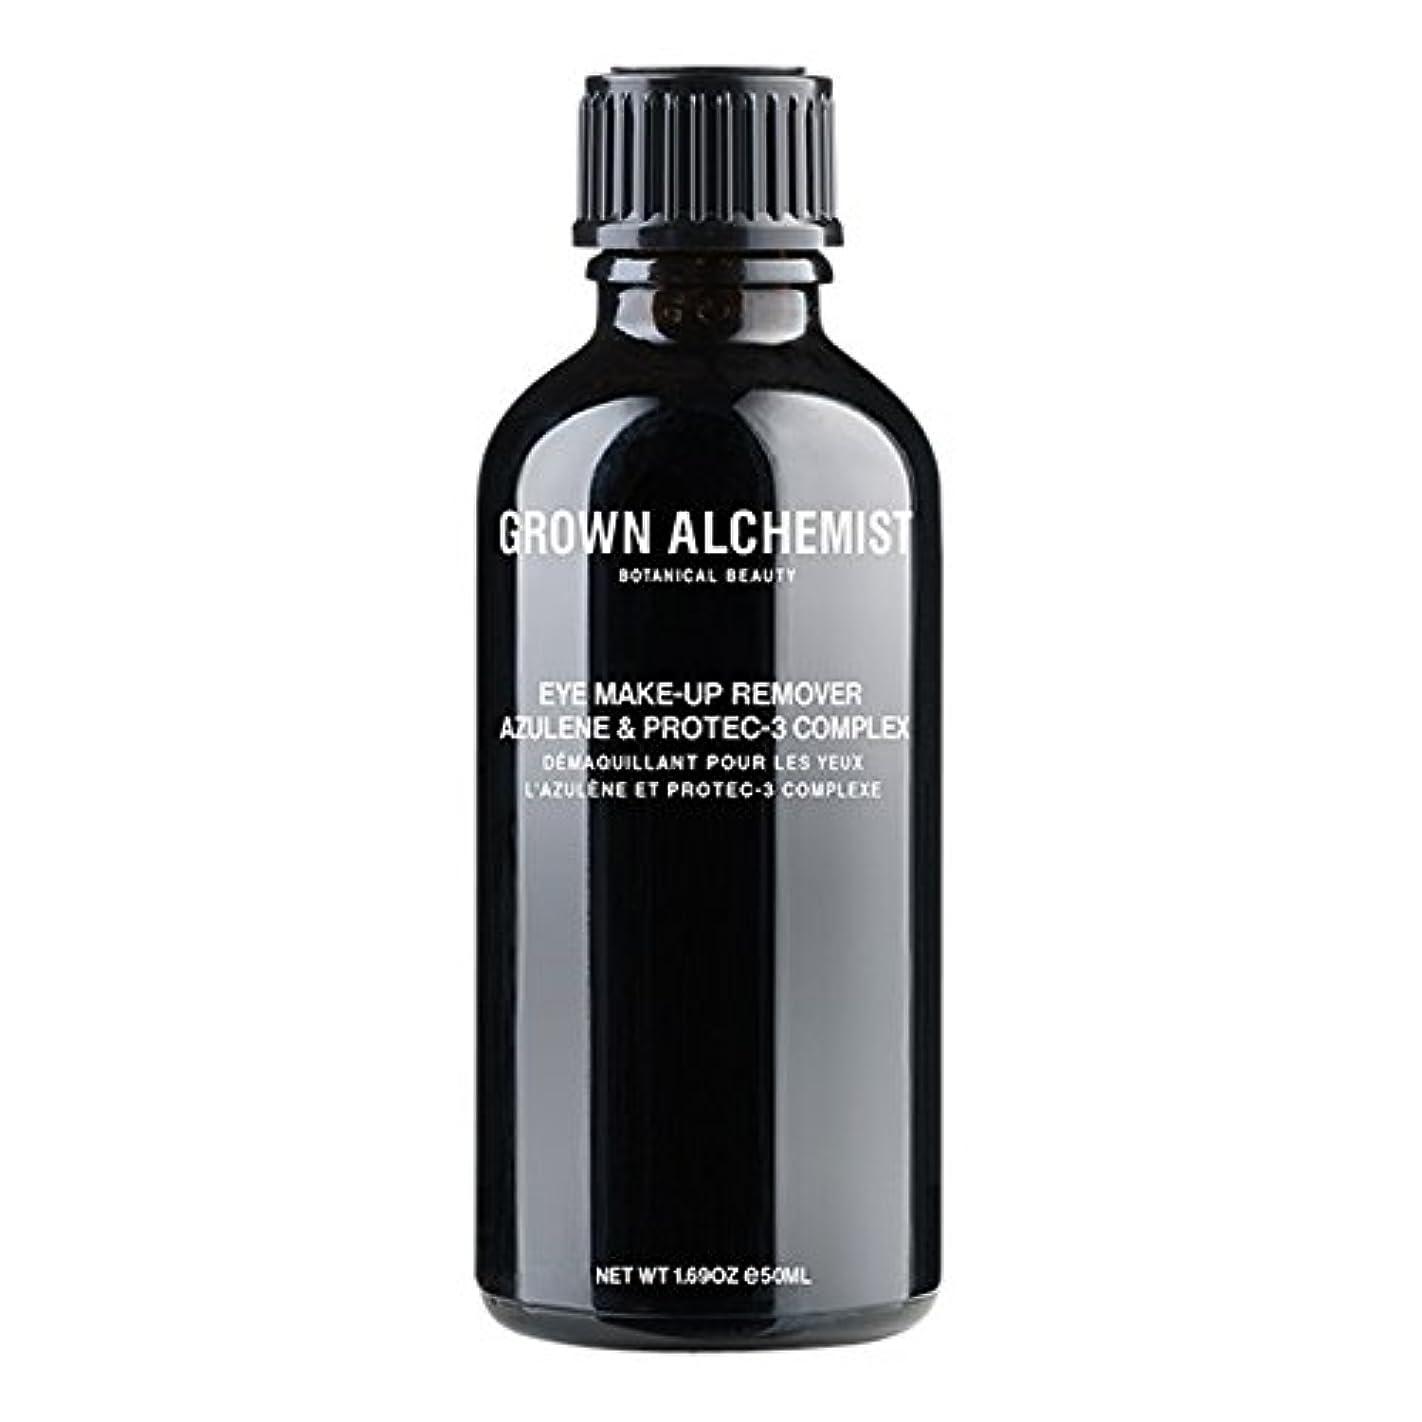 輝度男らしさ指成長した錬金術師アズレン&Protec-3アイメイクアップリムーバーの50ミリリットル (Grown Alchemist) (x6) - Grown Alchemist Azulene & Protec-3 Eye-Makeup...